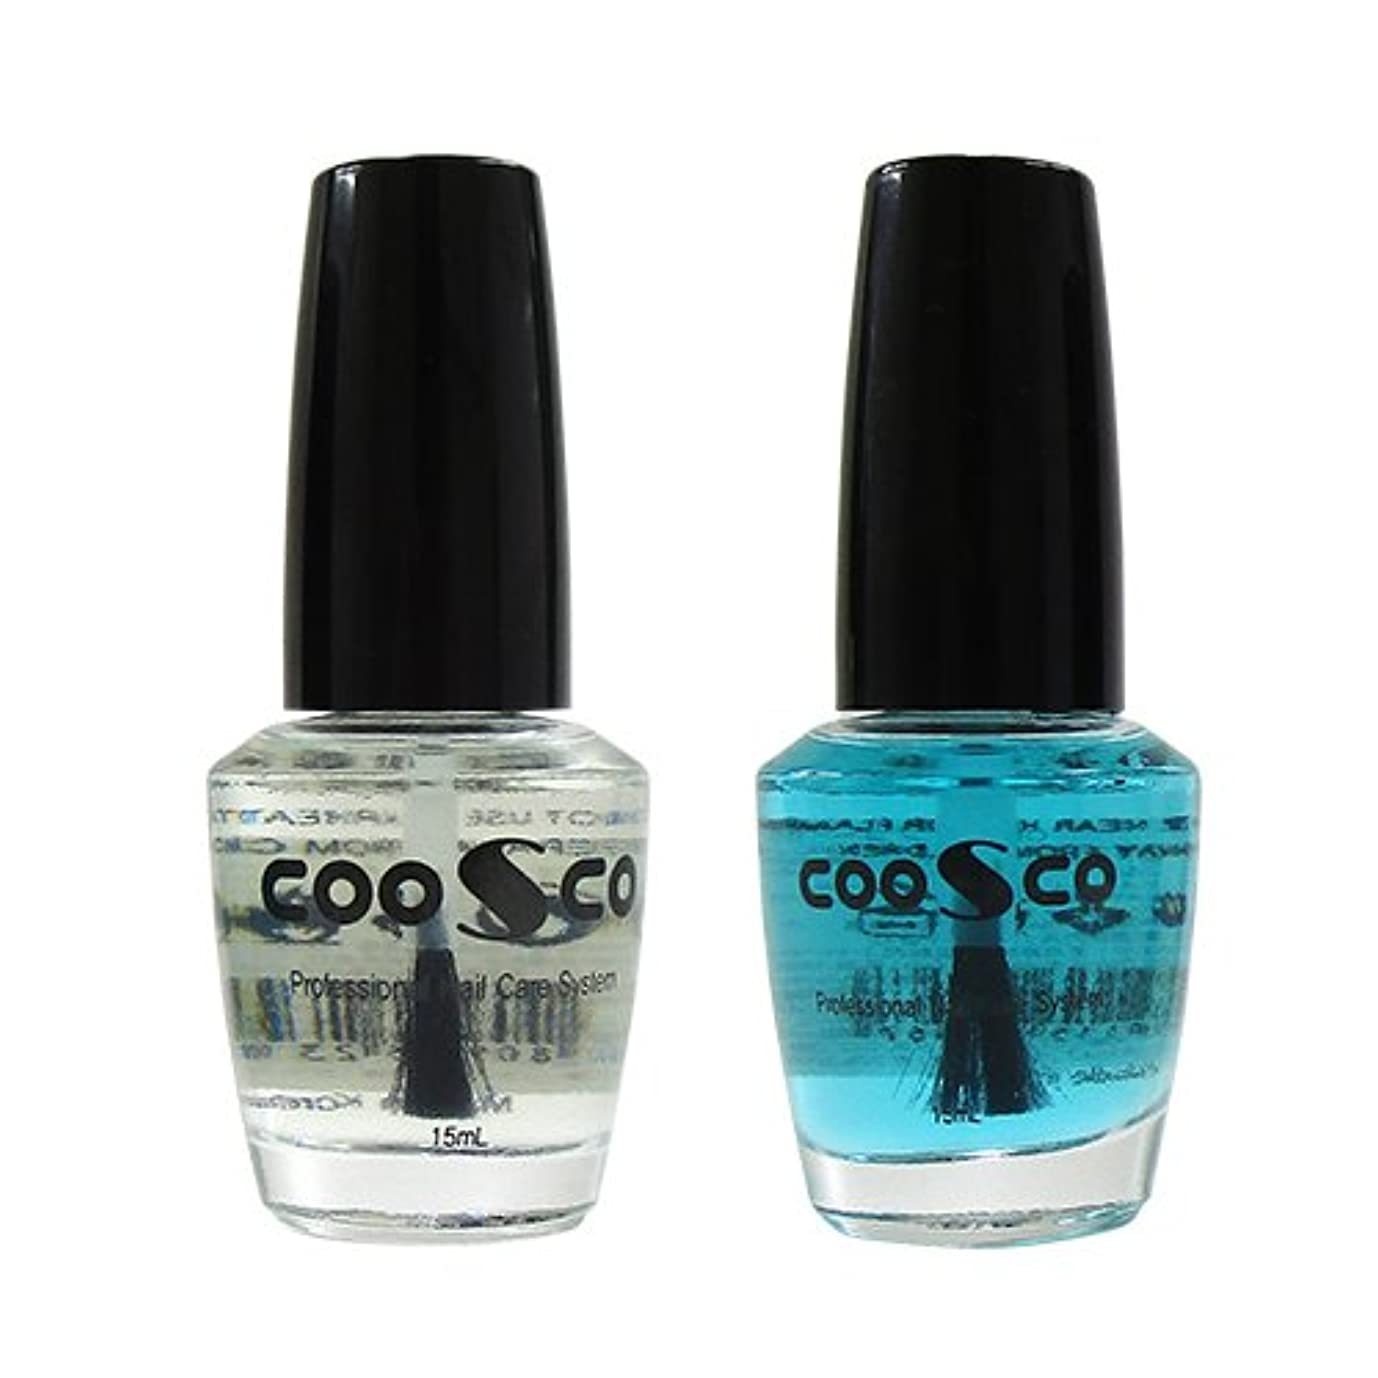 チェスネイル用 CCトップコート×3個セット ※カラーは当店おまかせ! (COOSCO Professional Nail Care System CC Top Coat) 15mL